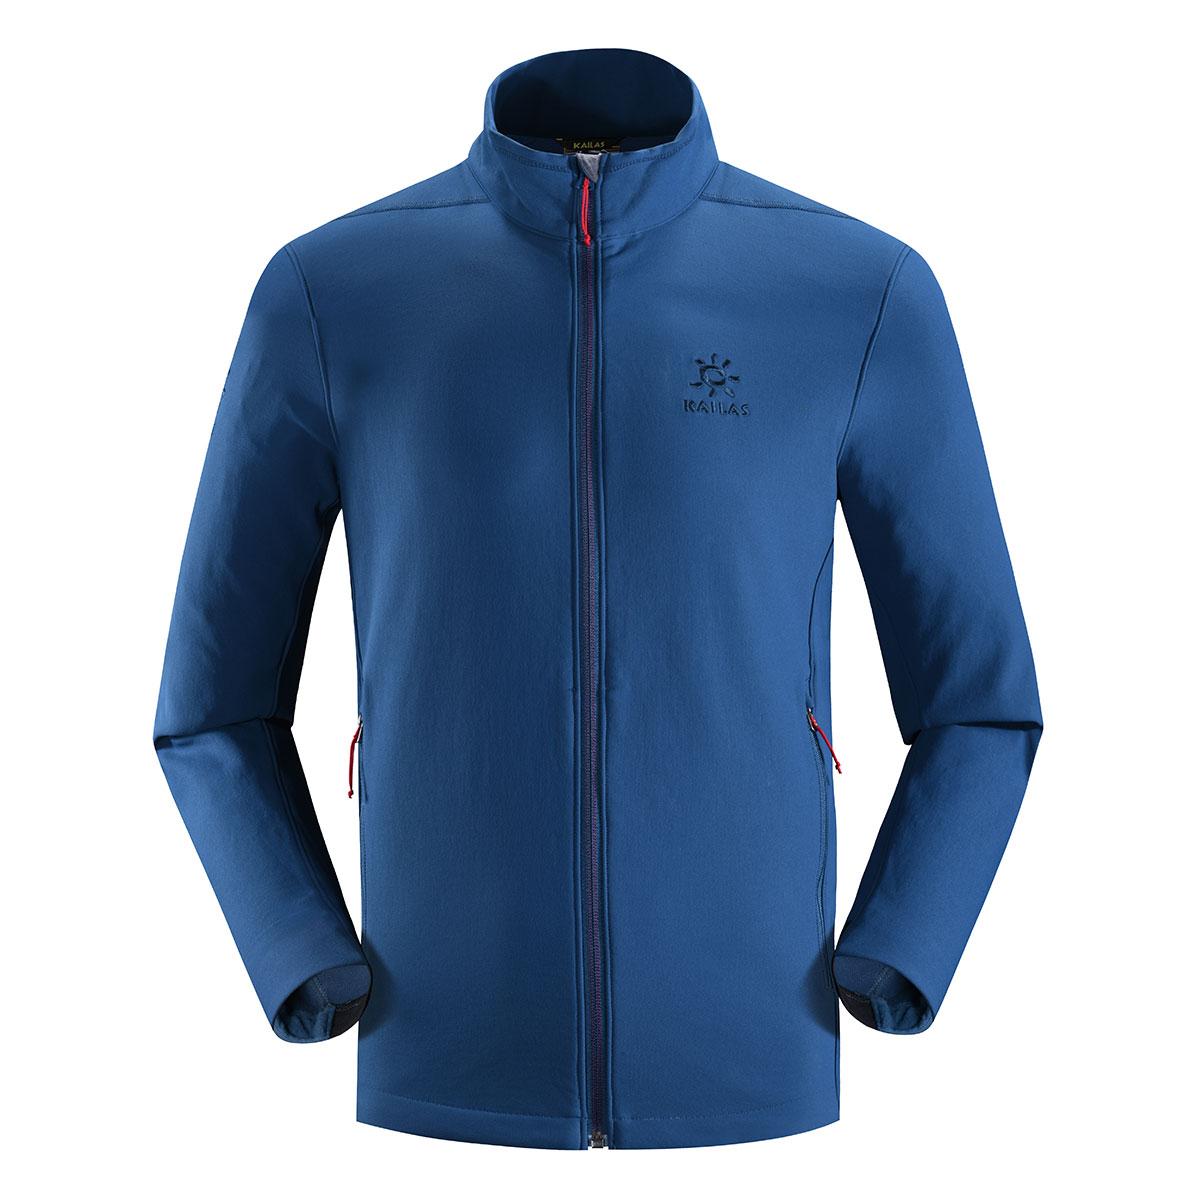 凯乐石保暖透气防风外套 男款软壳衣KG21028710052